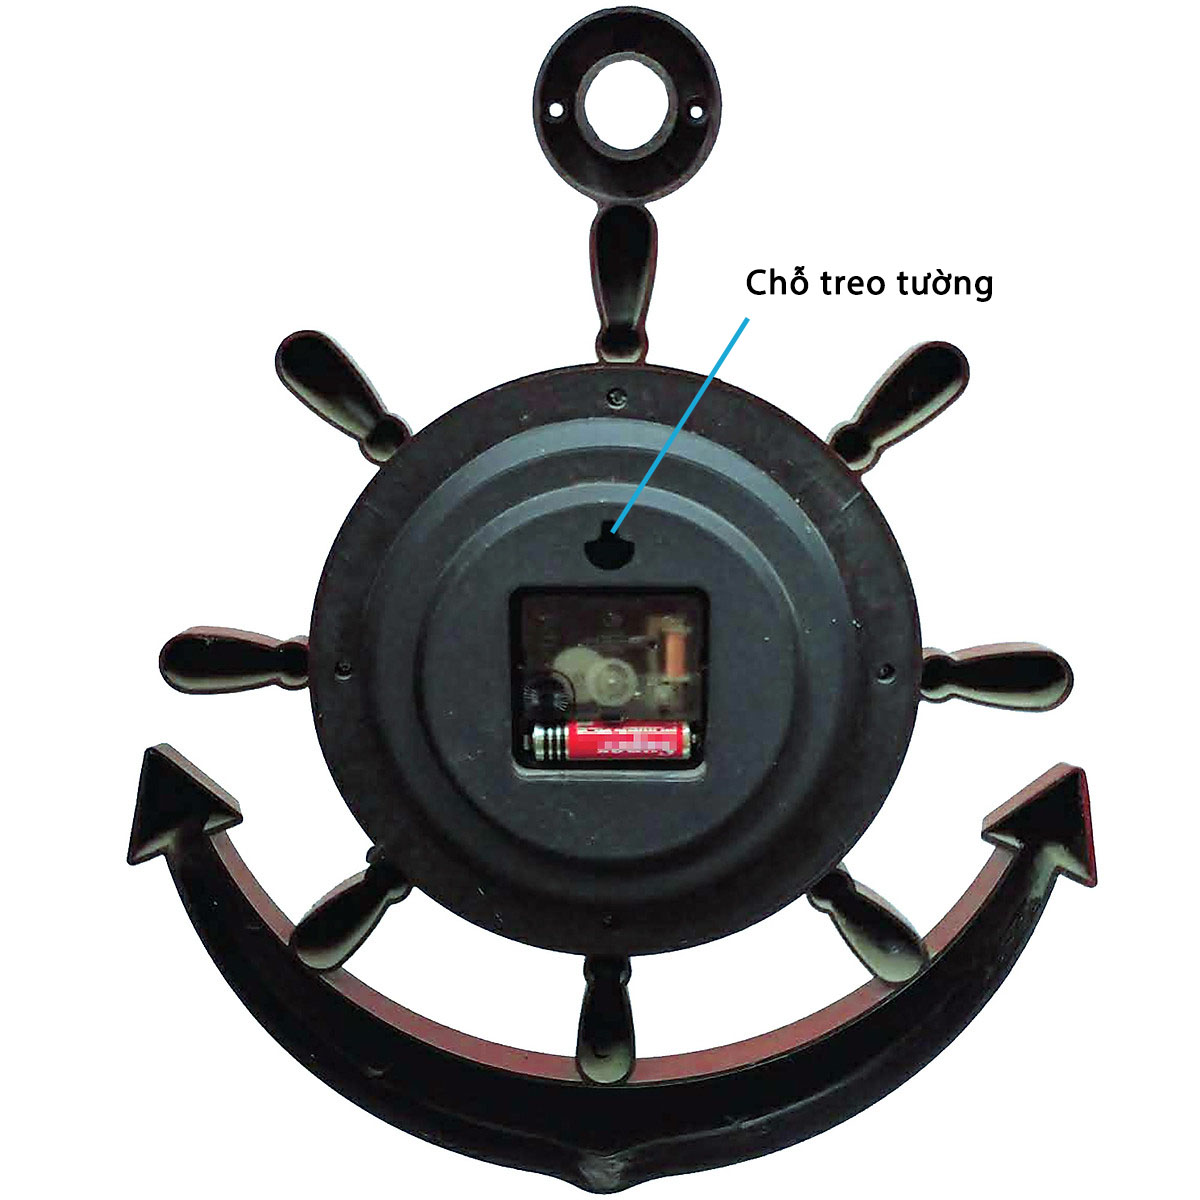 (Loại Tốt) Đồng Hồ Treo Tường Mỏ Neo KhoNCC Giả Gỗ Sang Trọng Nổi Bật Căn Nhà Bạn - Mới 100% (Màu Nâu Gỗ) - KQL-DHMN-F2 – Hàng Chính Hãng